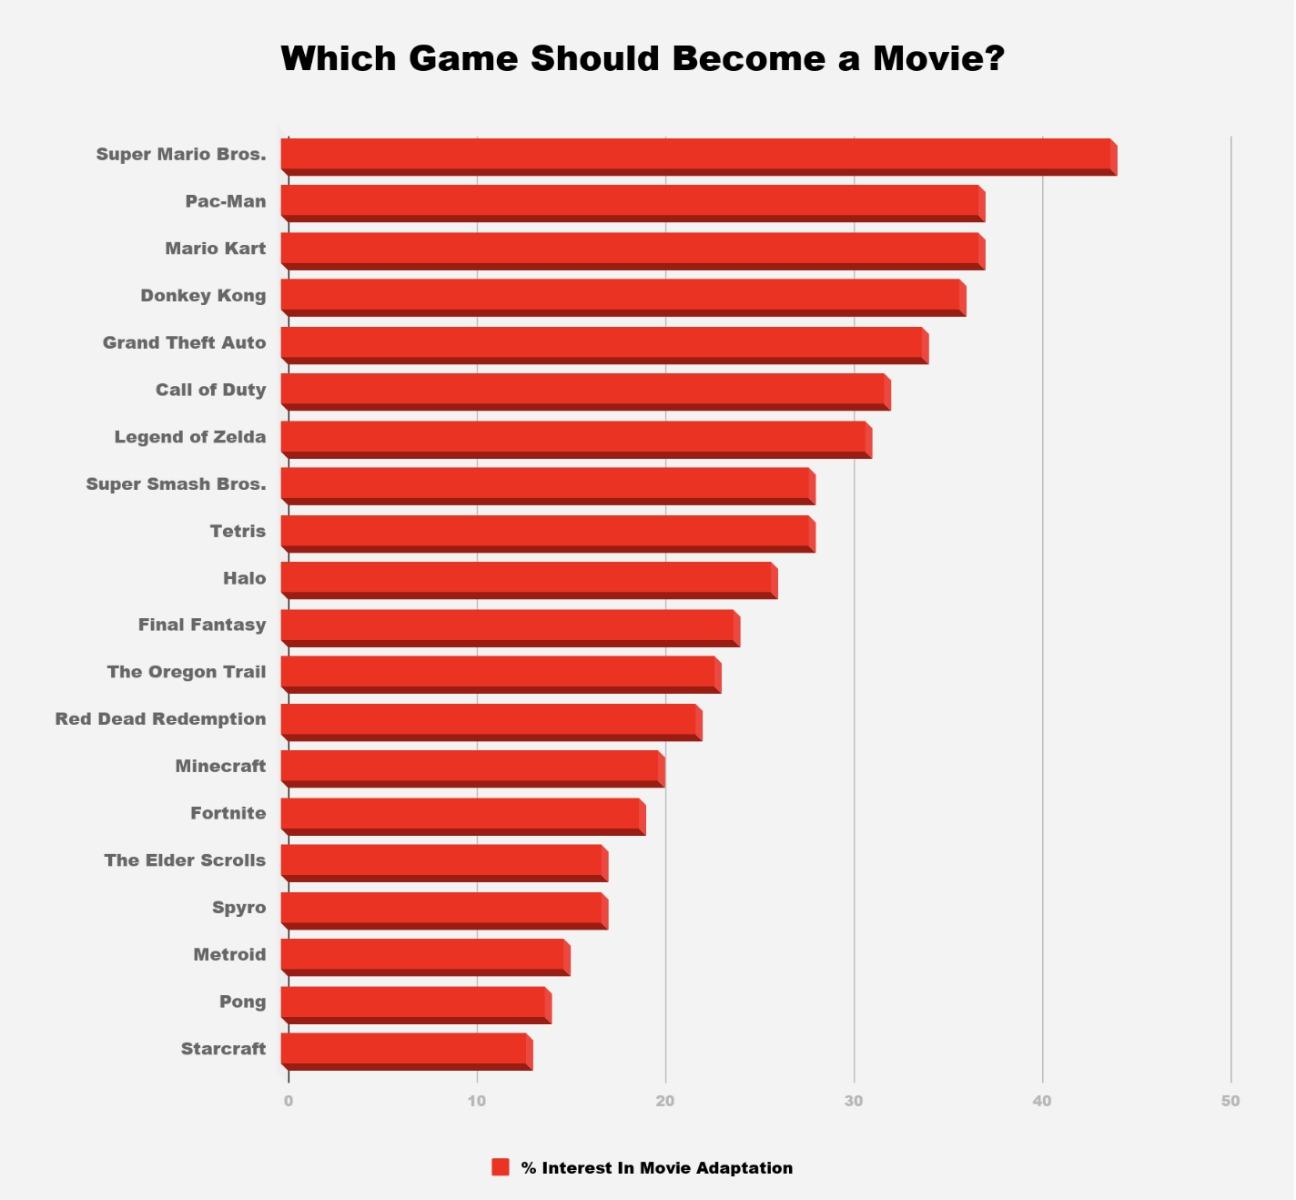 外媒统计玩家最想看到的游戏改编电影 《超级马里奥兄弟》第一